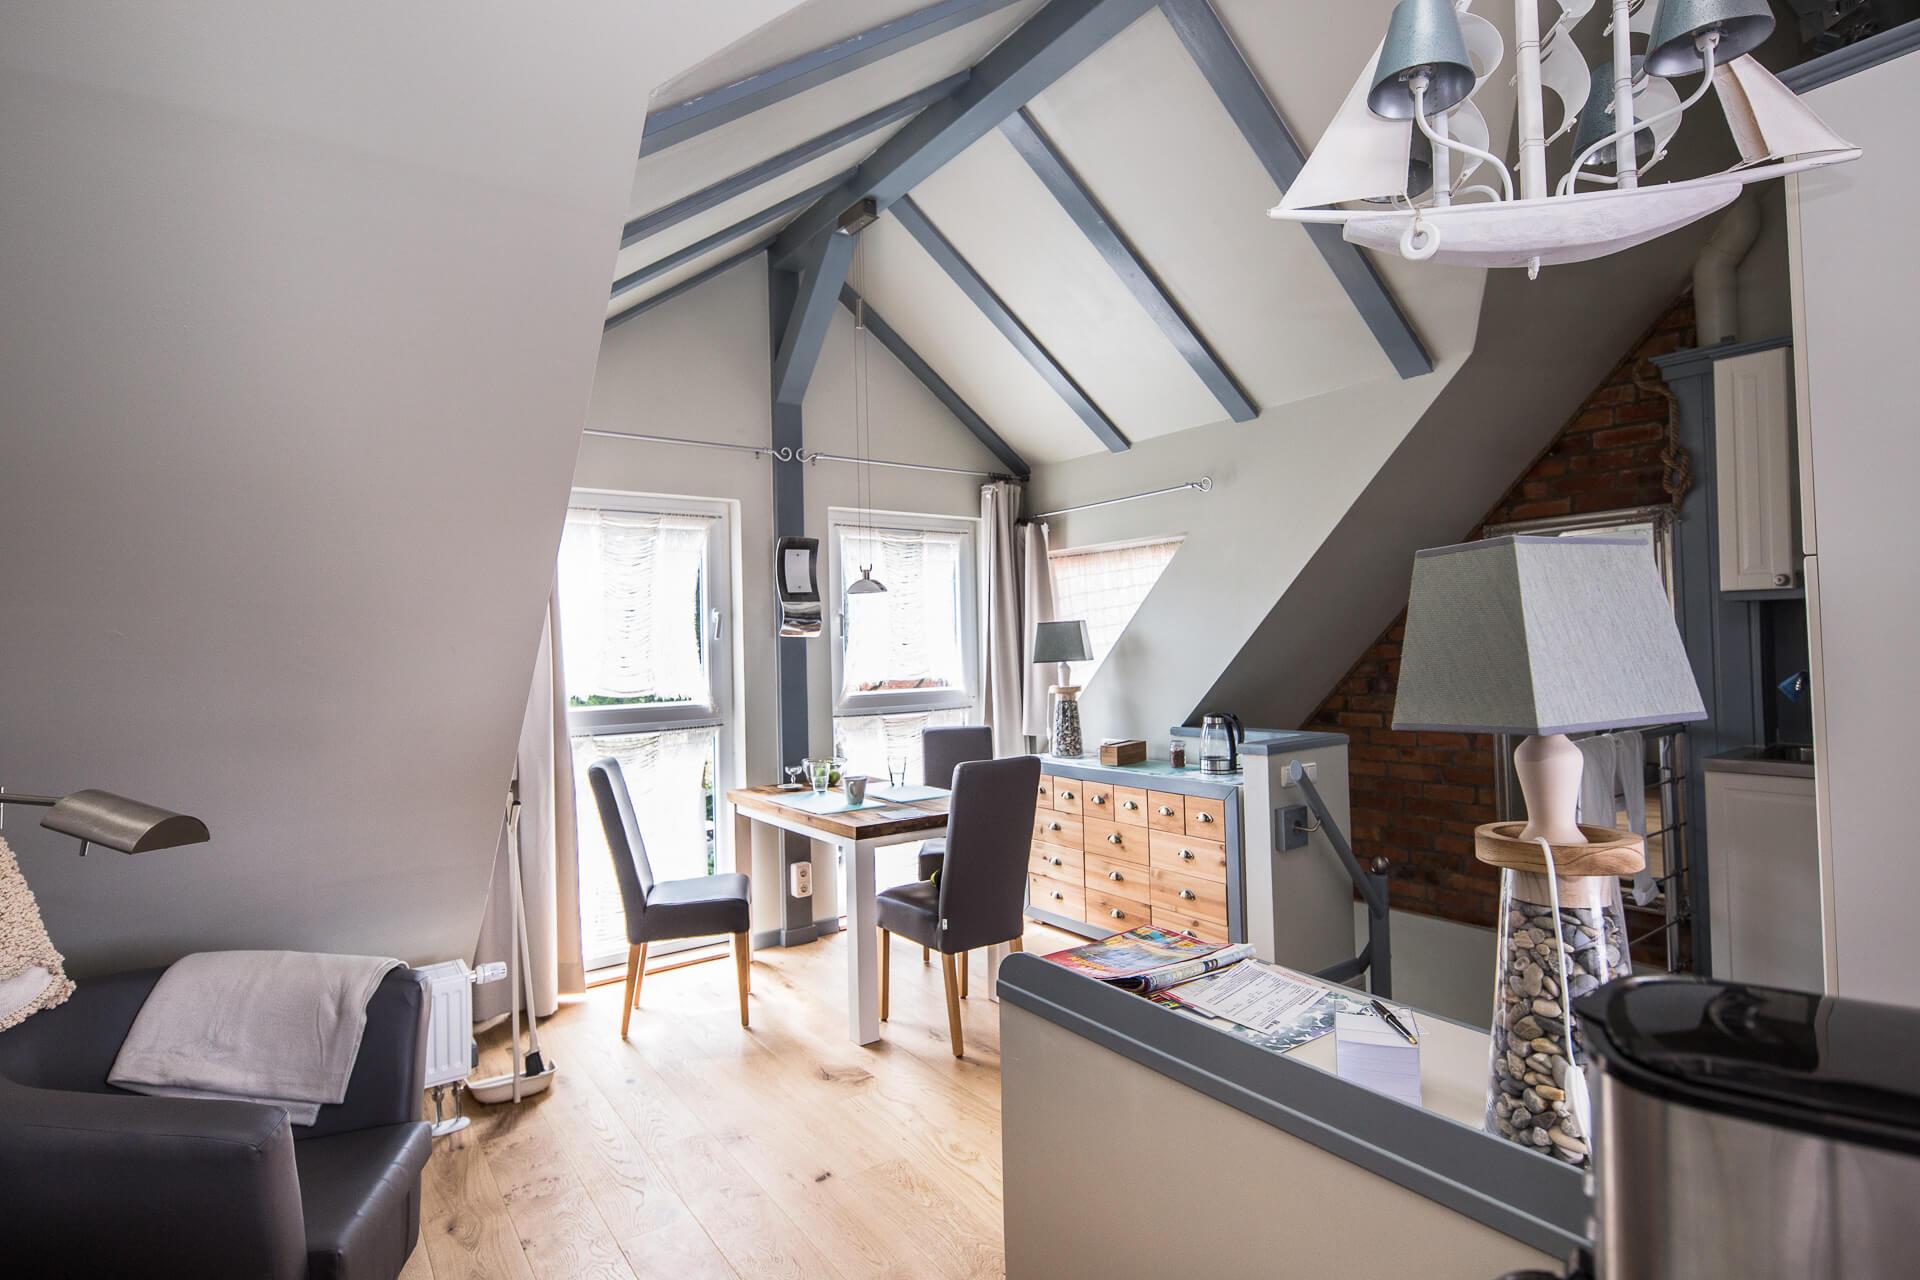 Foto Ryan Baugestaltung Appartmenthaus Lueneburg Wohnzimmer mit Holzgiebel, großen Fenstern und Sitzgelegenheit